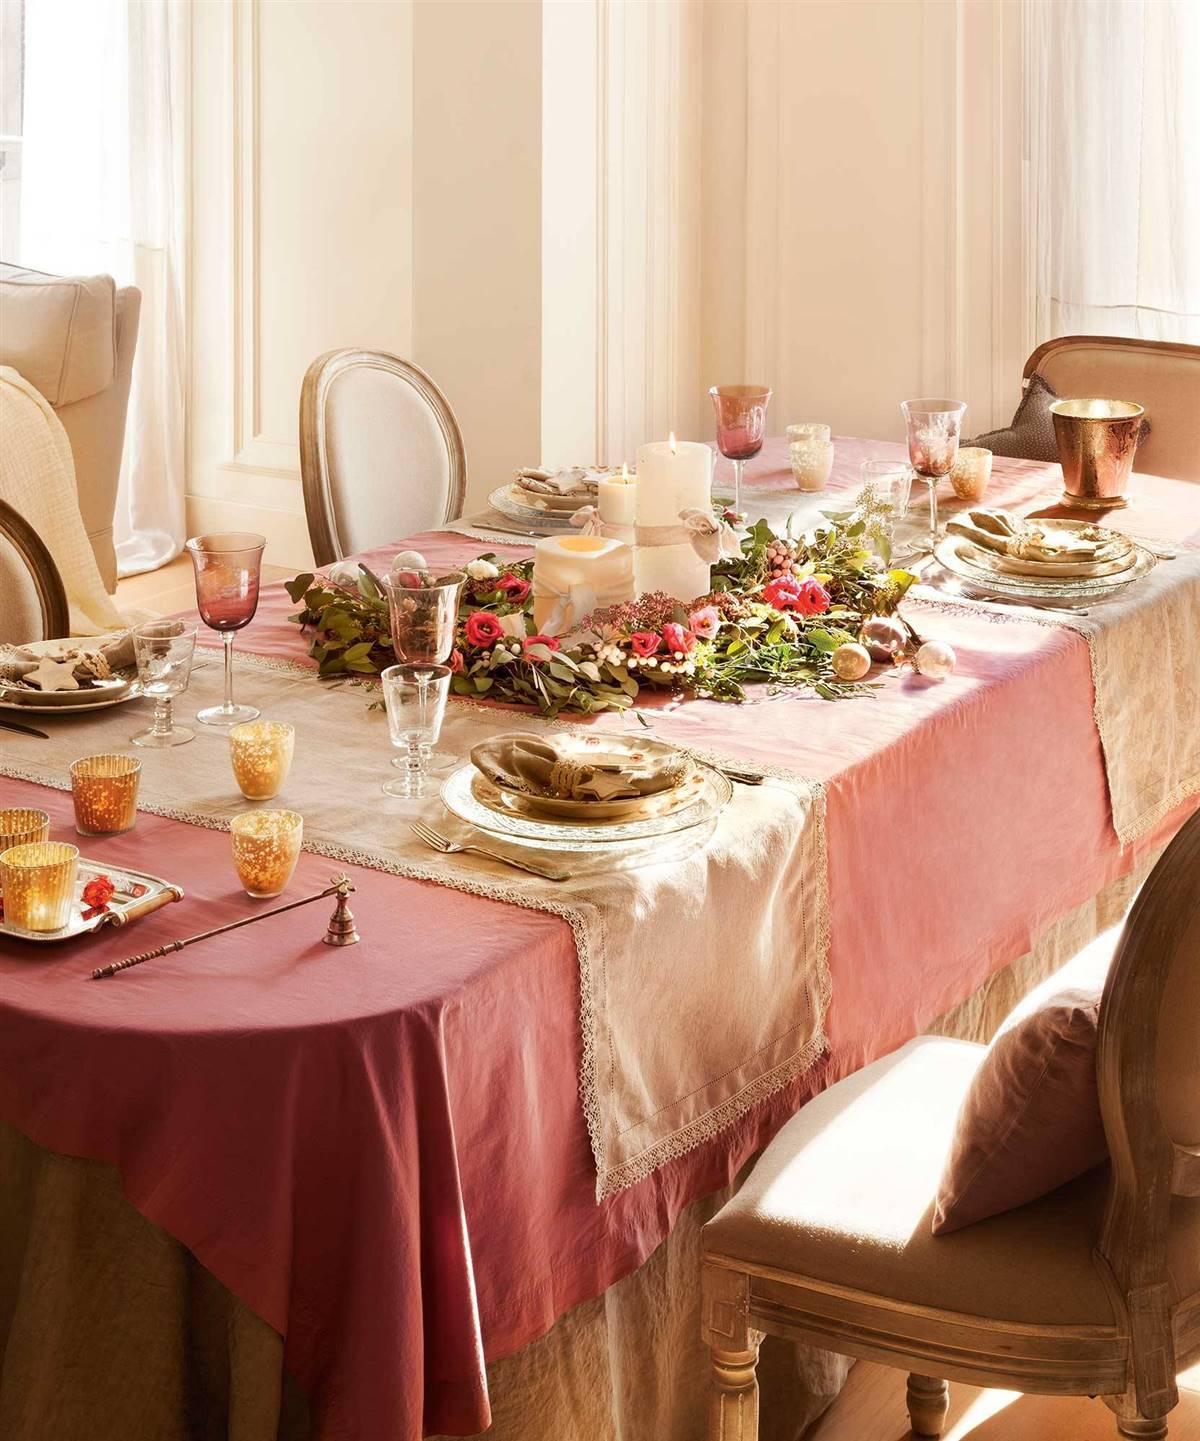 Gyertyák és friss növénydekoráció az élénk színű asztalterítőn